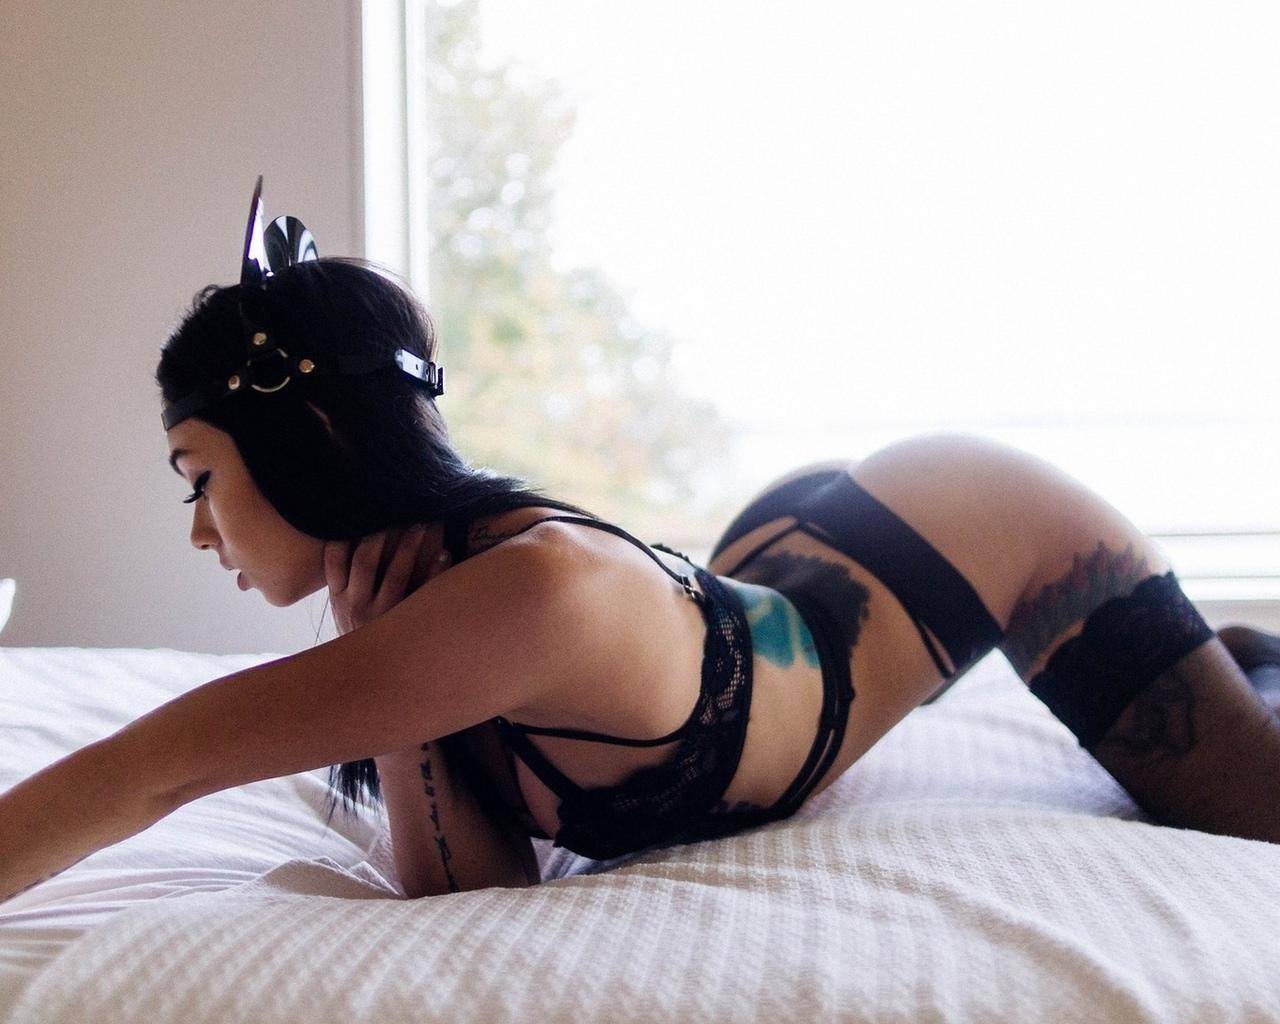 женщины, черное белье, в постели, повязка на голову, татуировки, черные чулки, жопа, согнувшись, брюнетка, выгнутой спине, окно